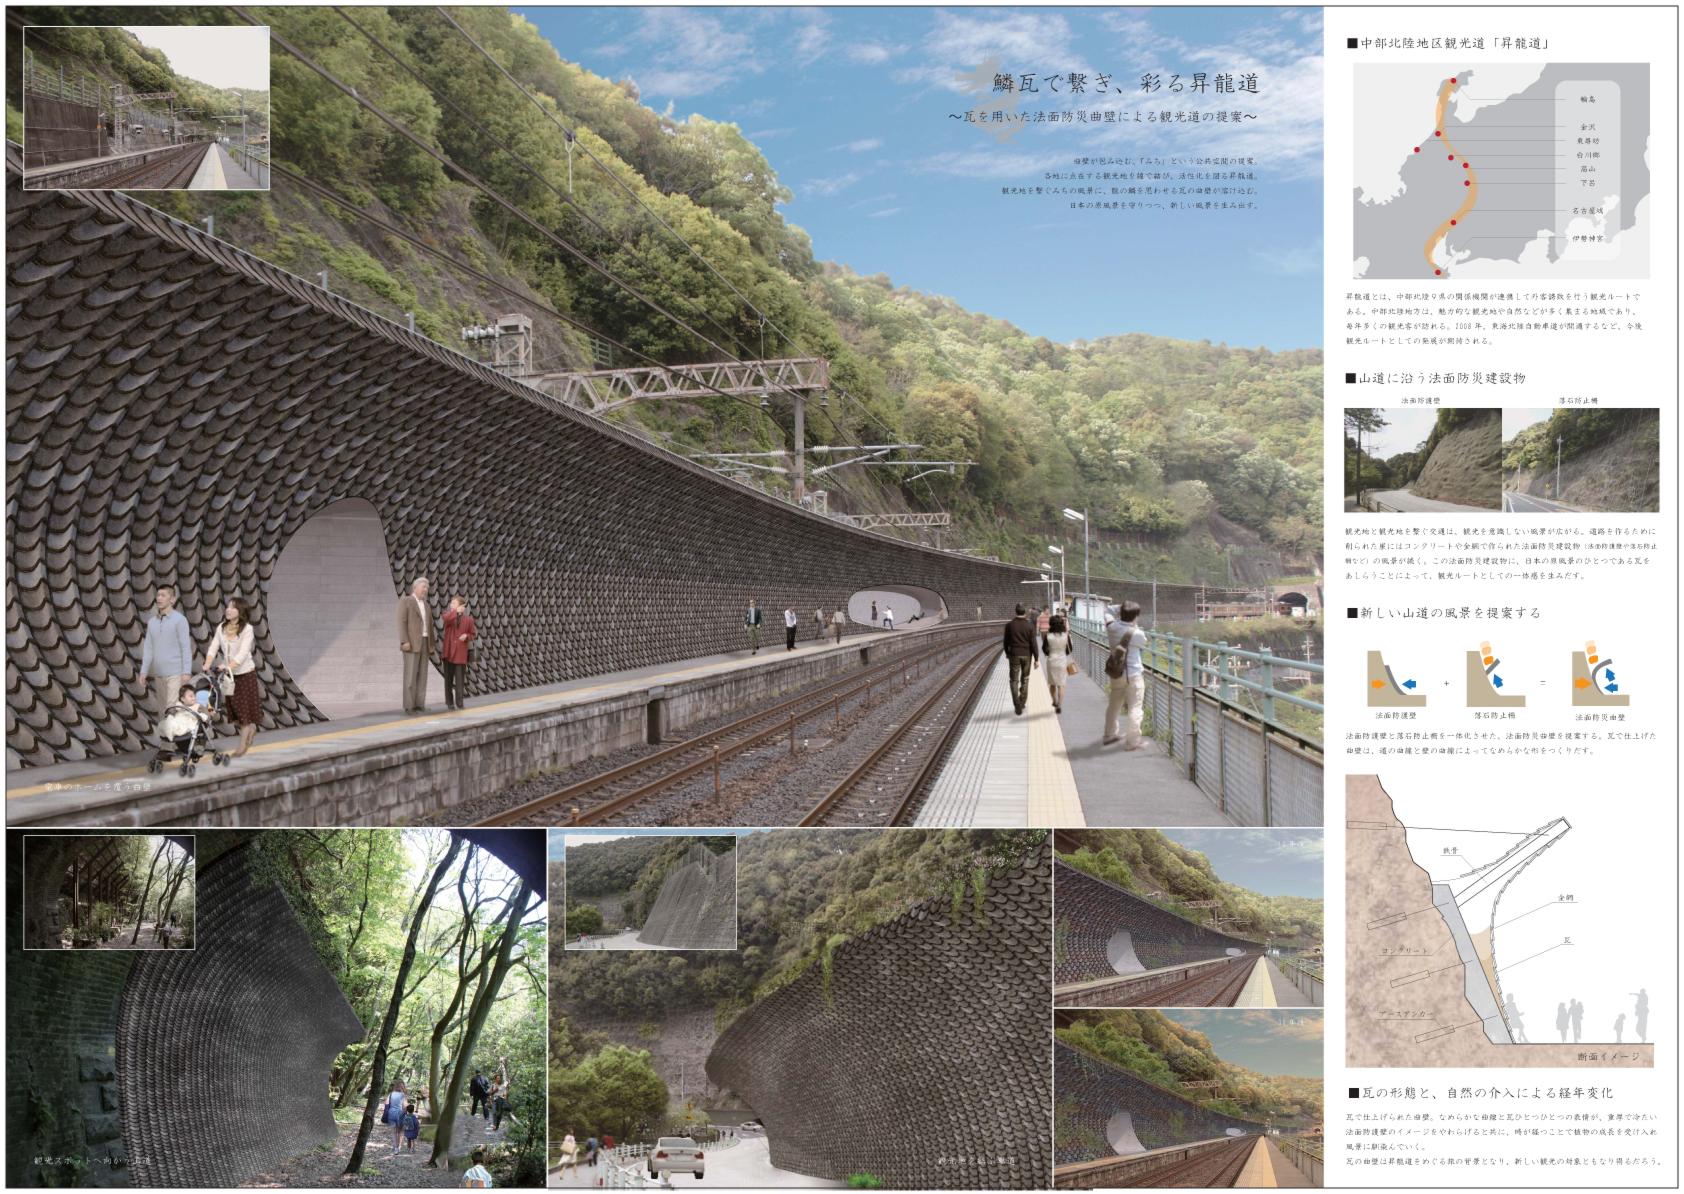 受賞作品「鱗瓦で繋ぎ、彩る昇竜道 ~瓦を用いた法面防災曲壁による観光道の提案~」